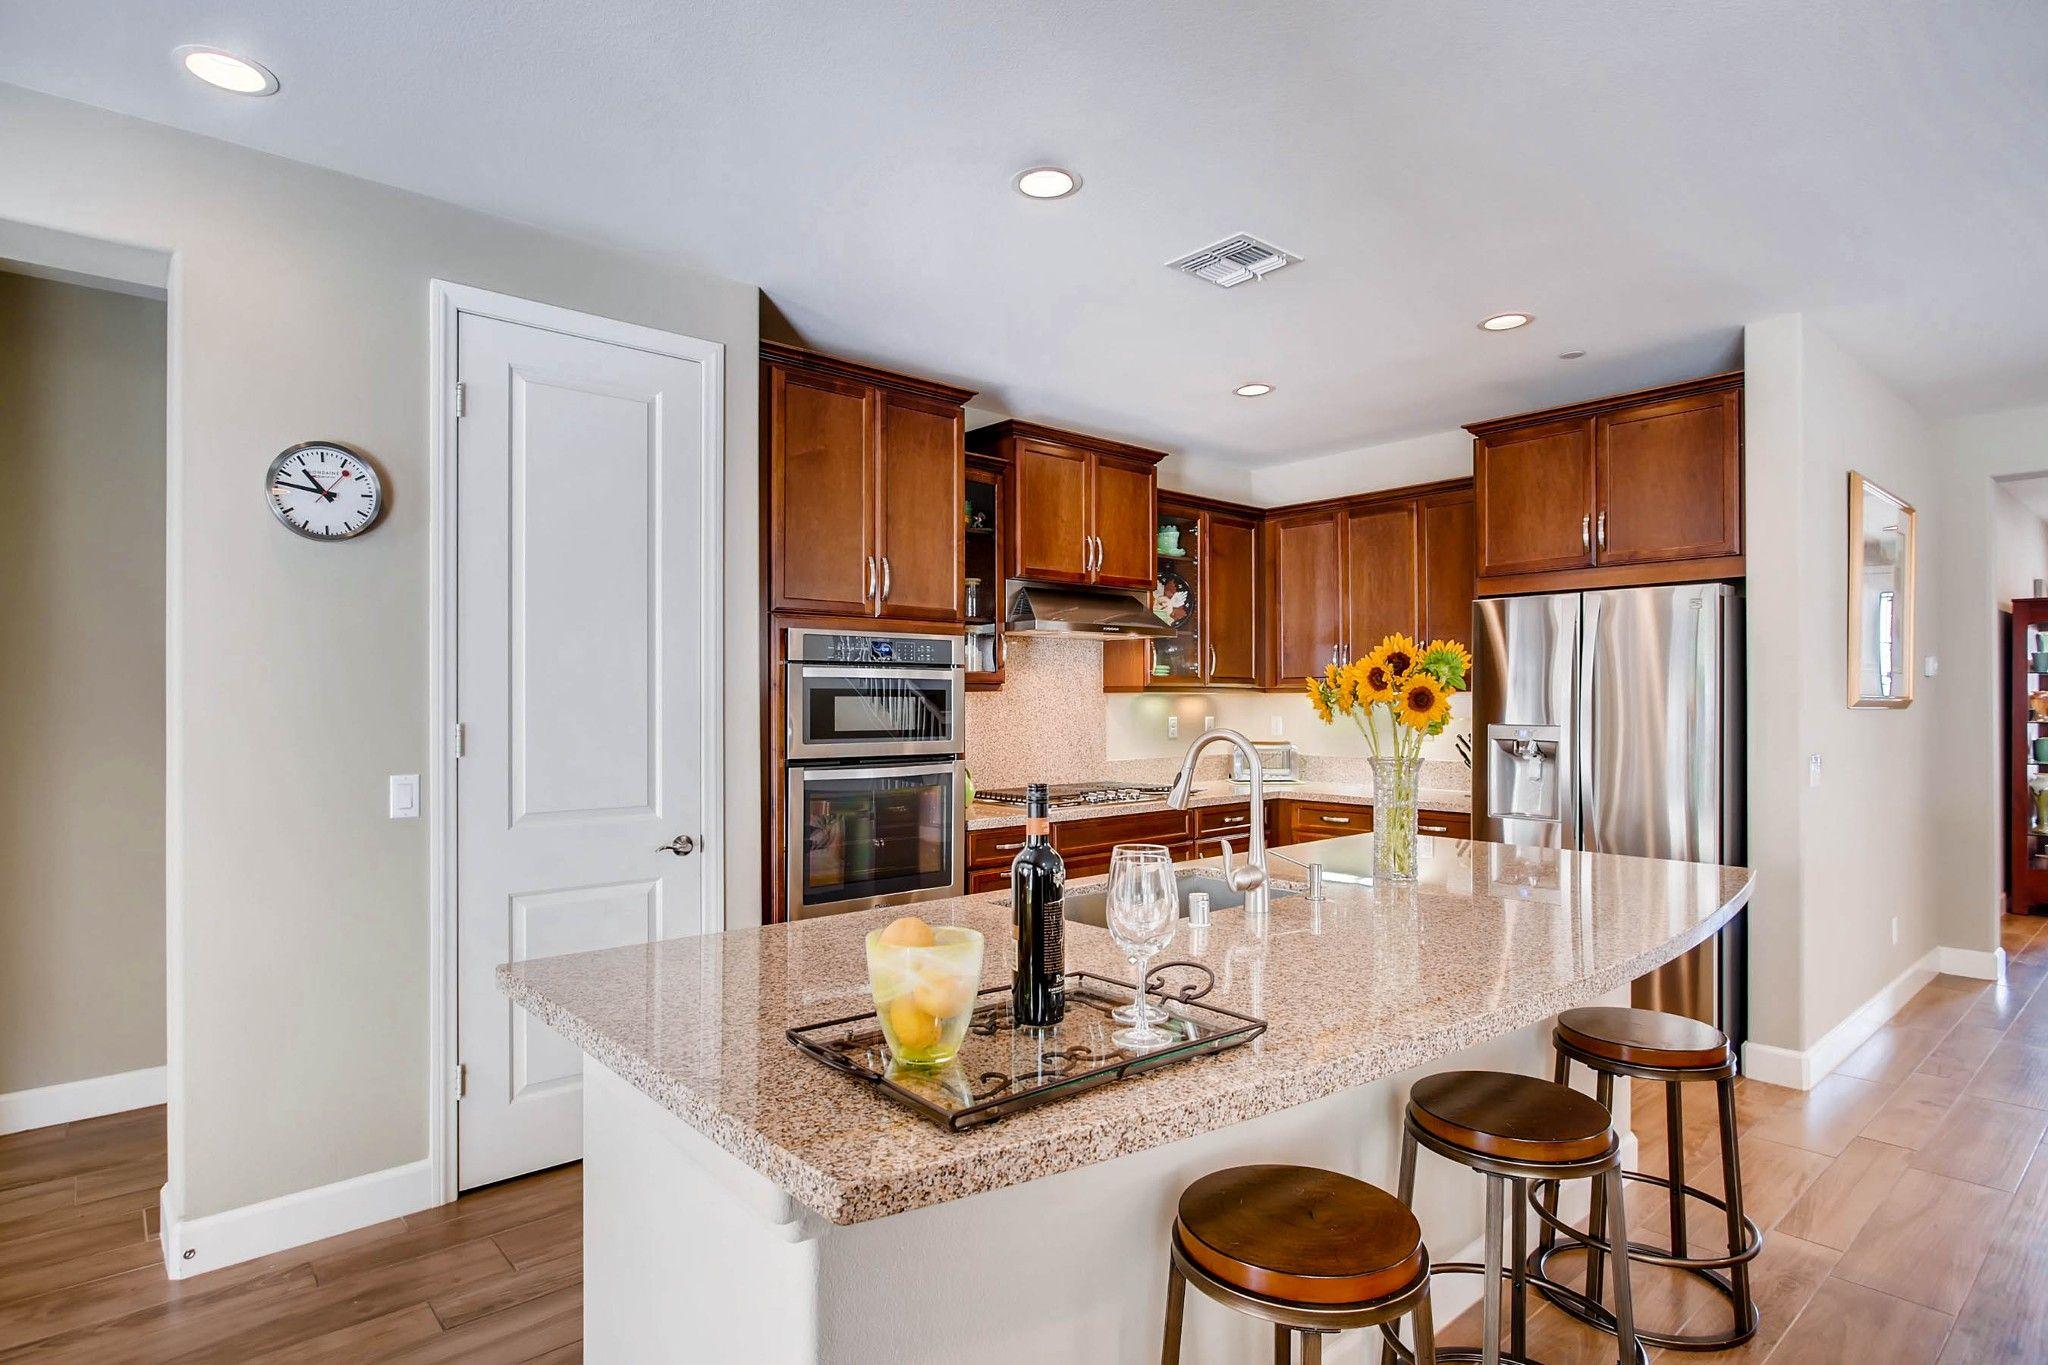 Photo 7: Photos: Residential for sale : 5 bedrooms : 443 Machado Way in Vista